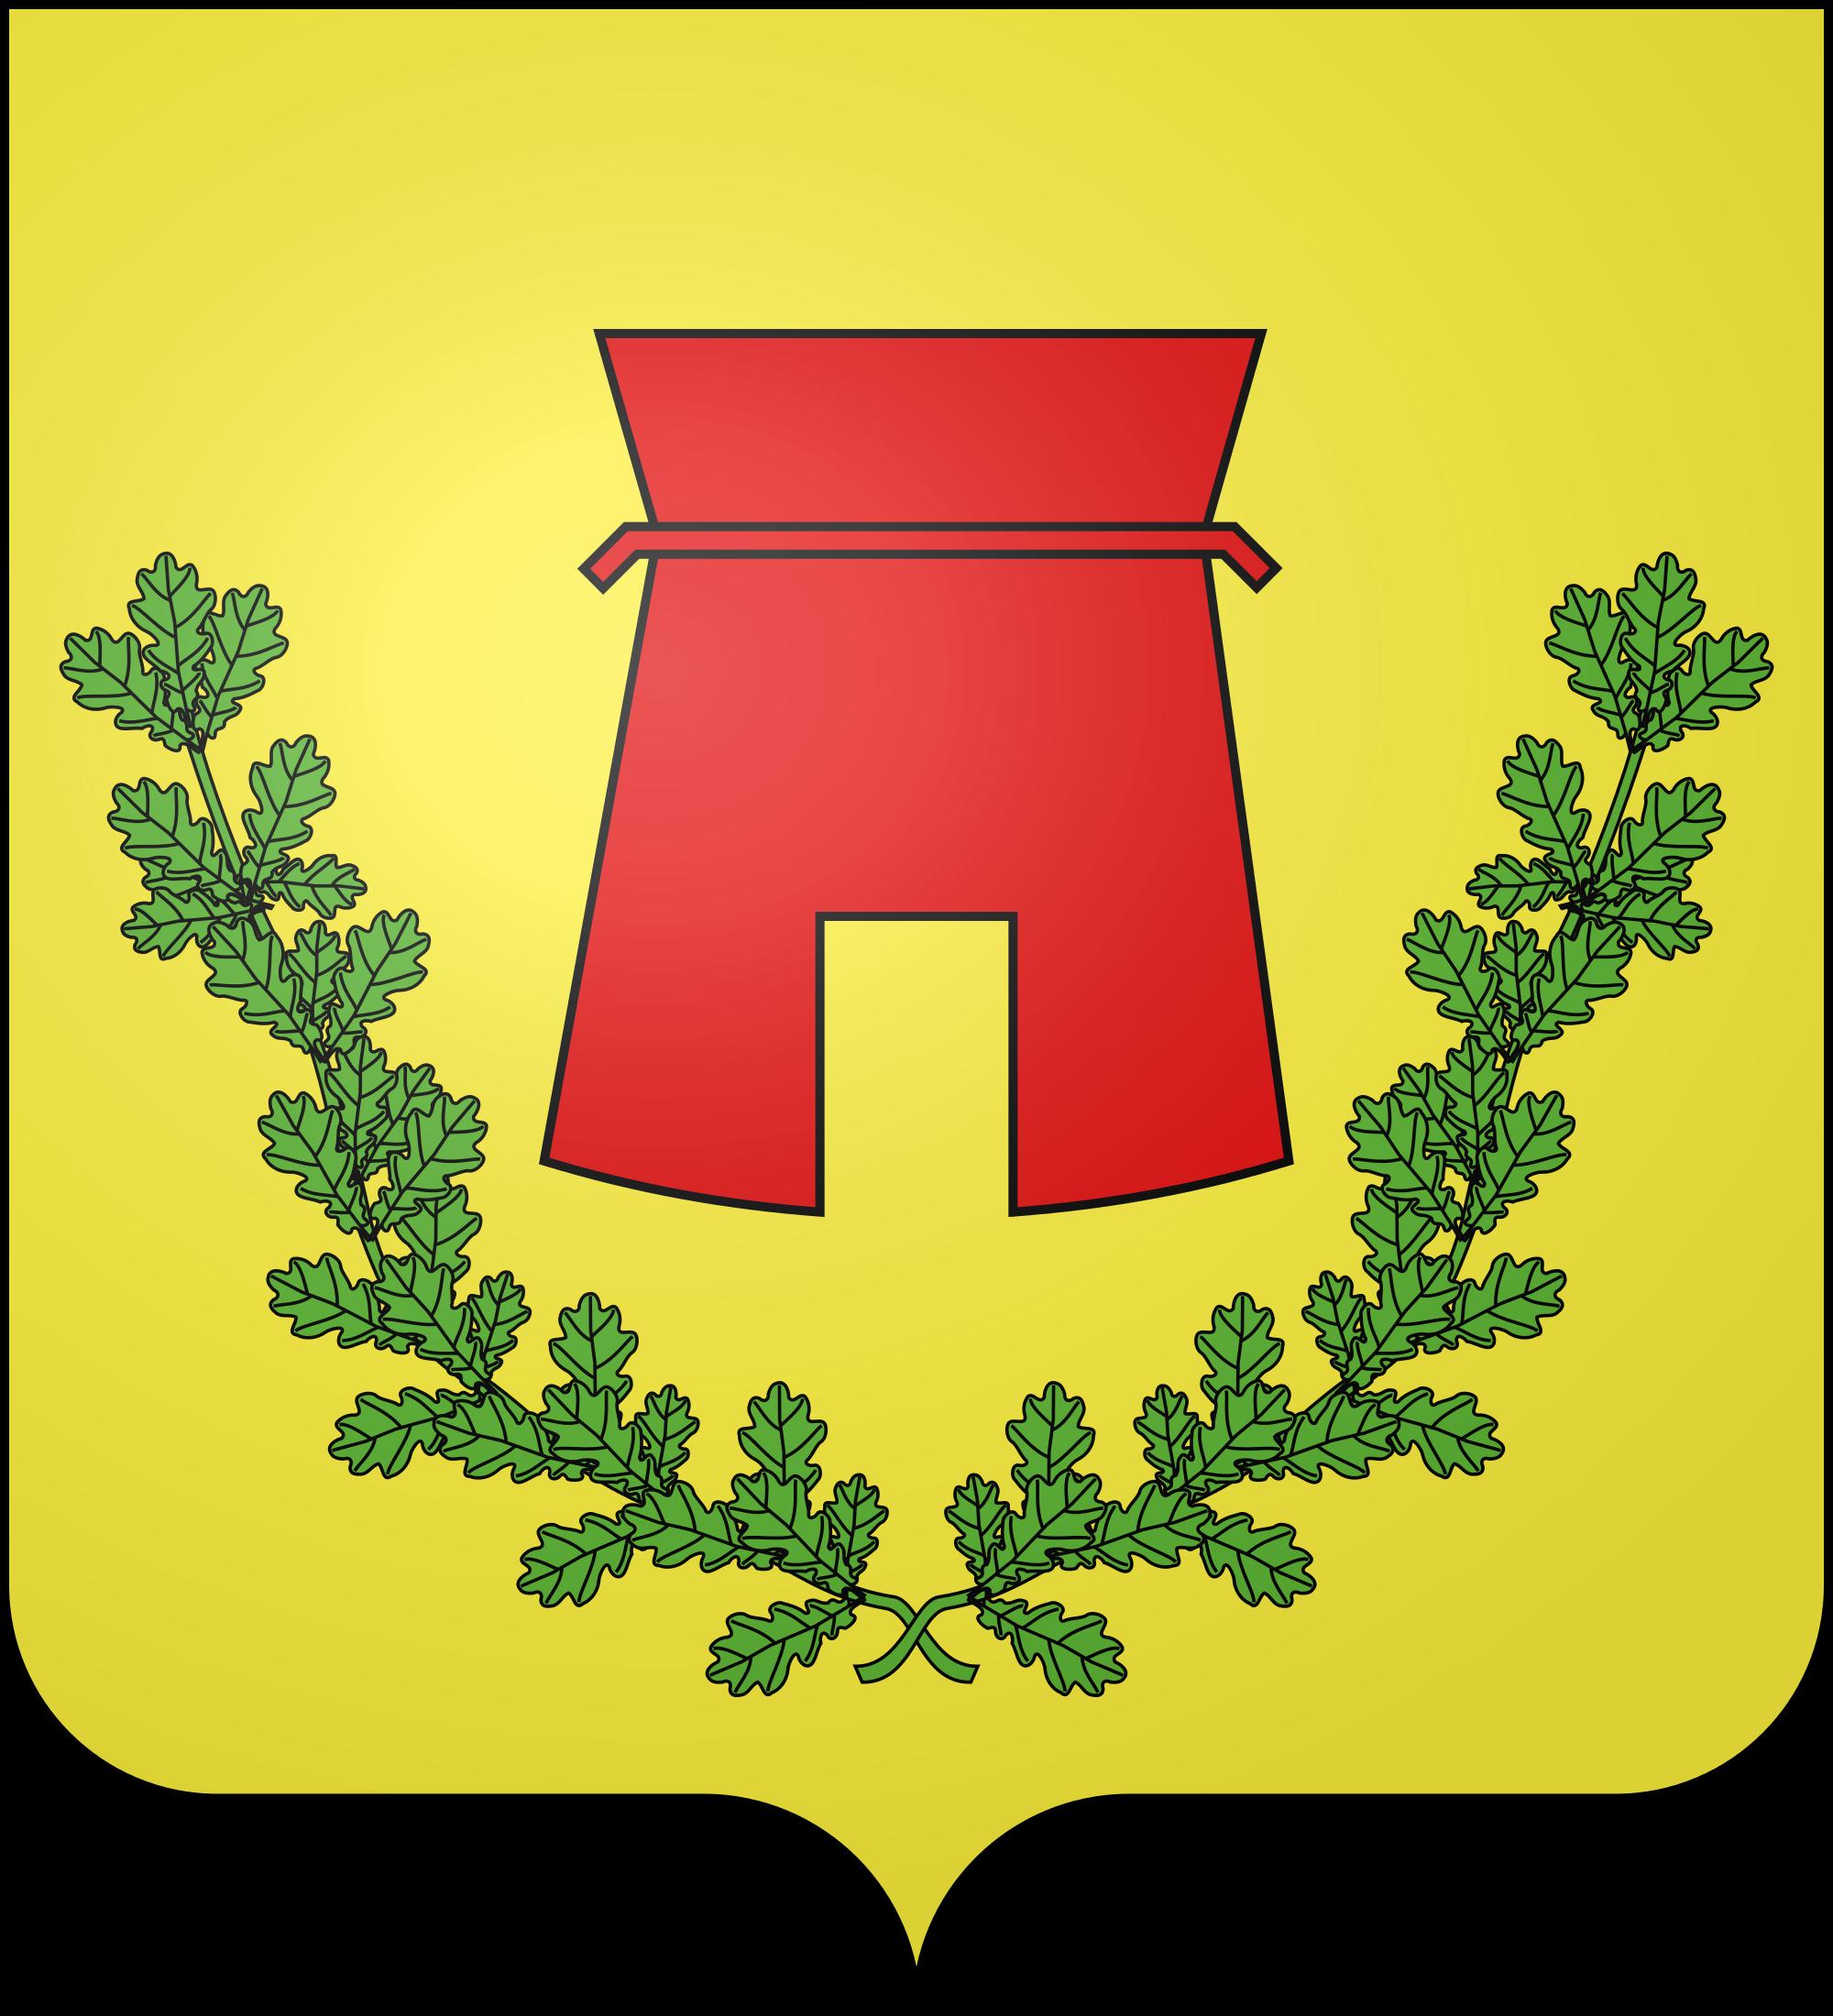 File:Blason de la ville de Vitry aux Loges (Loiret).svg.